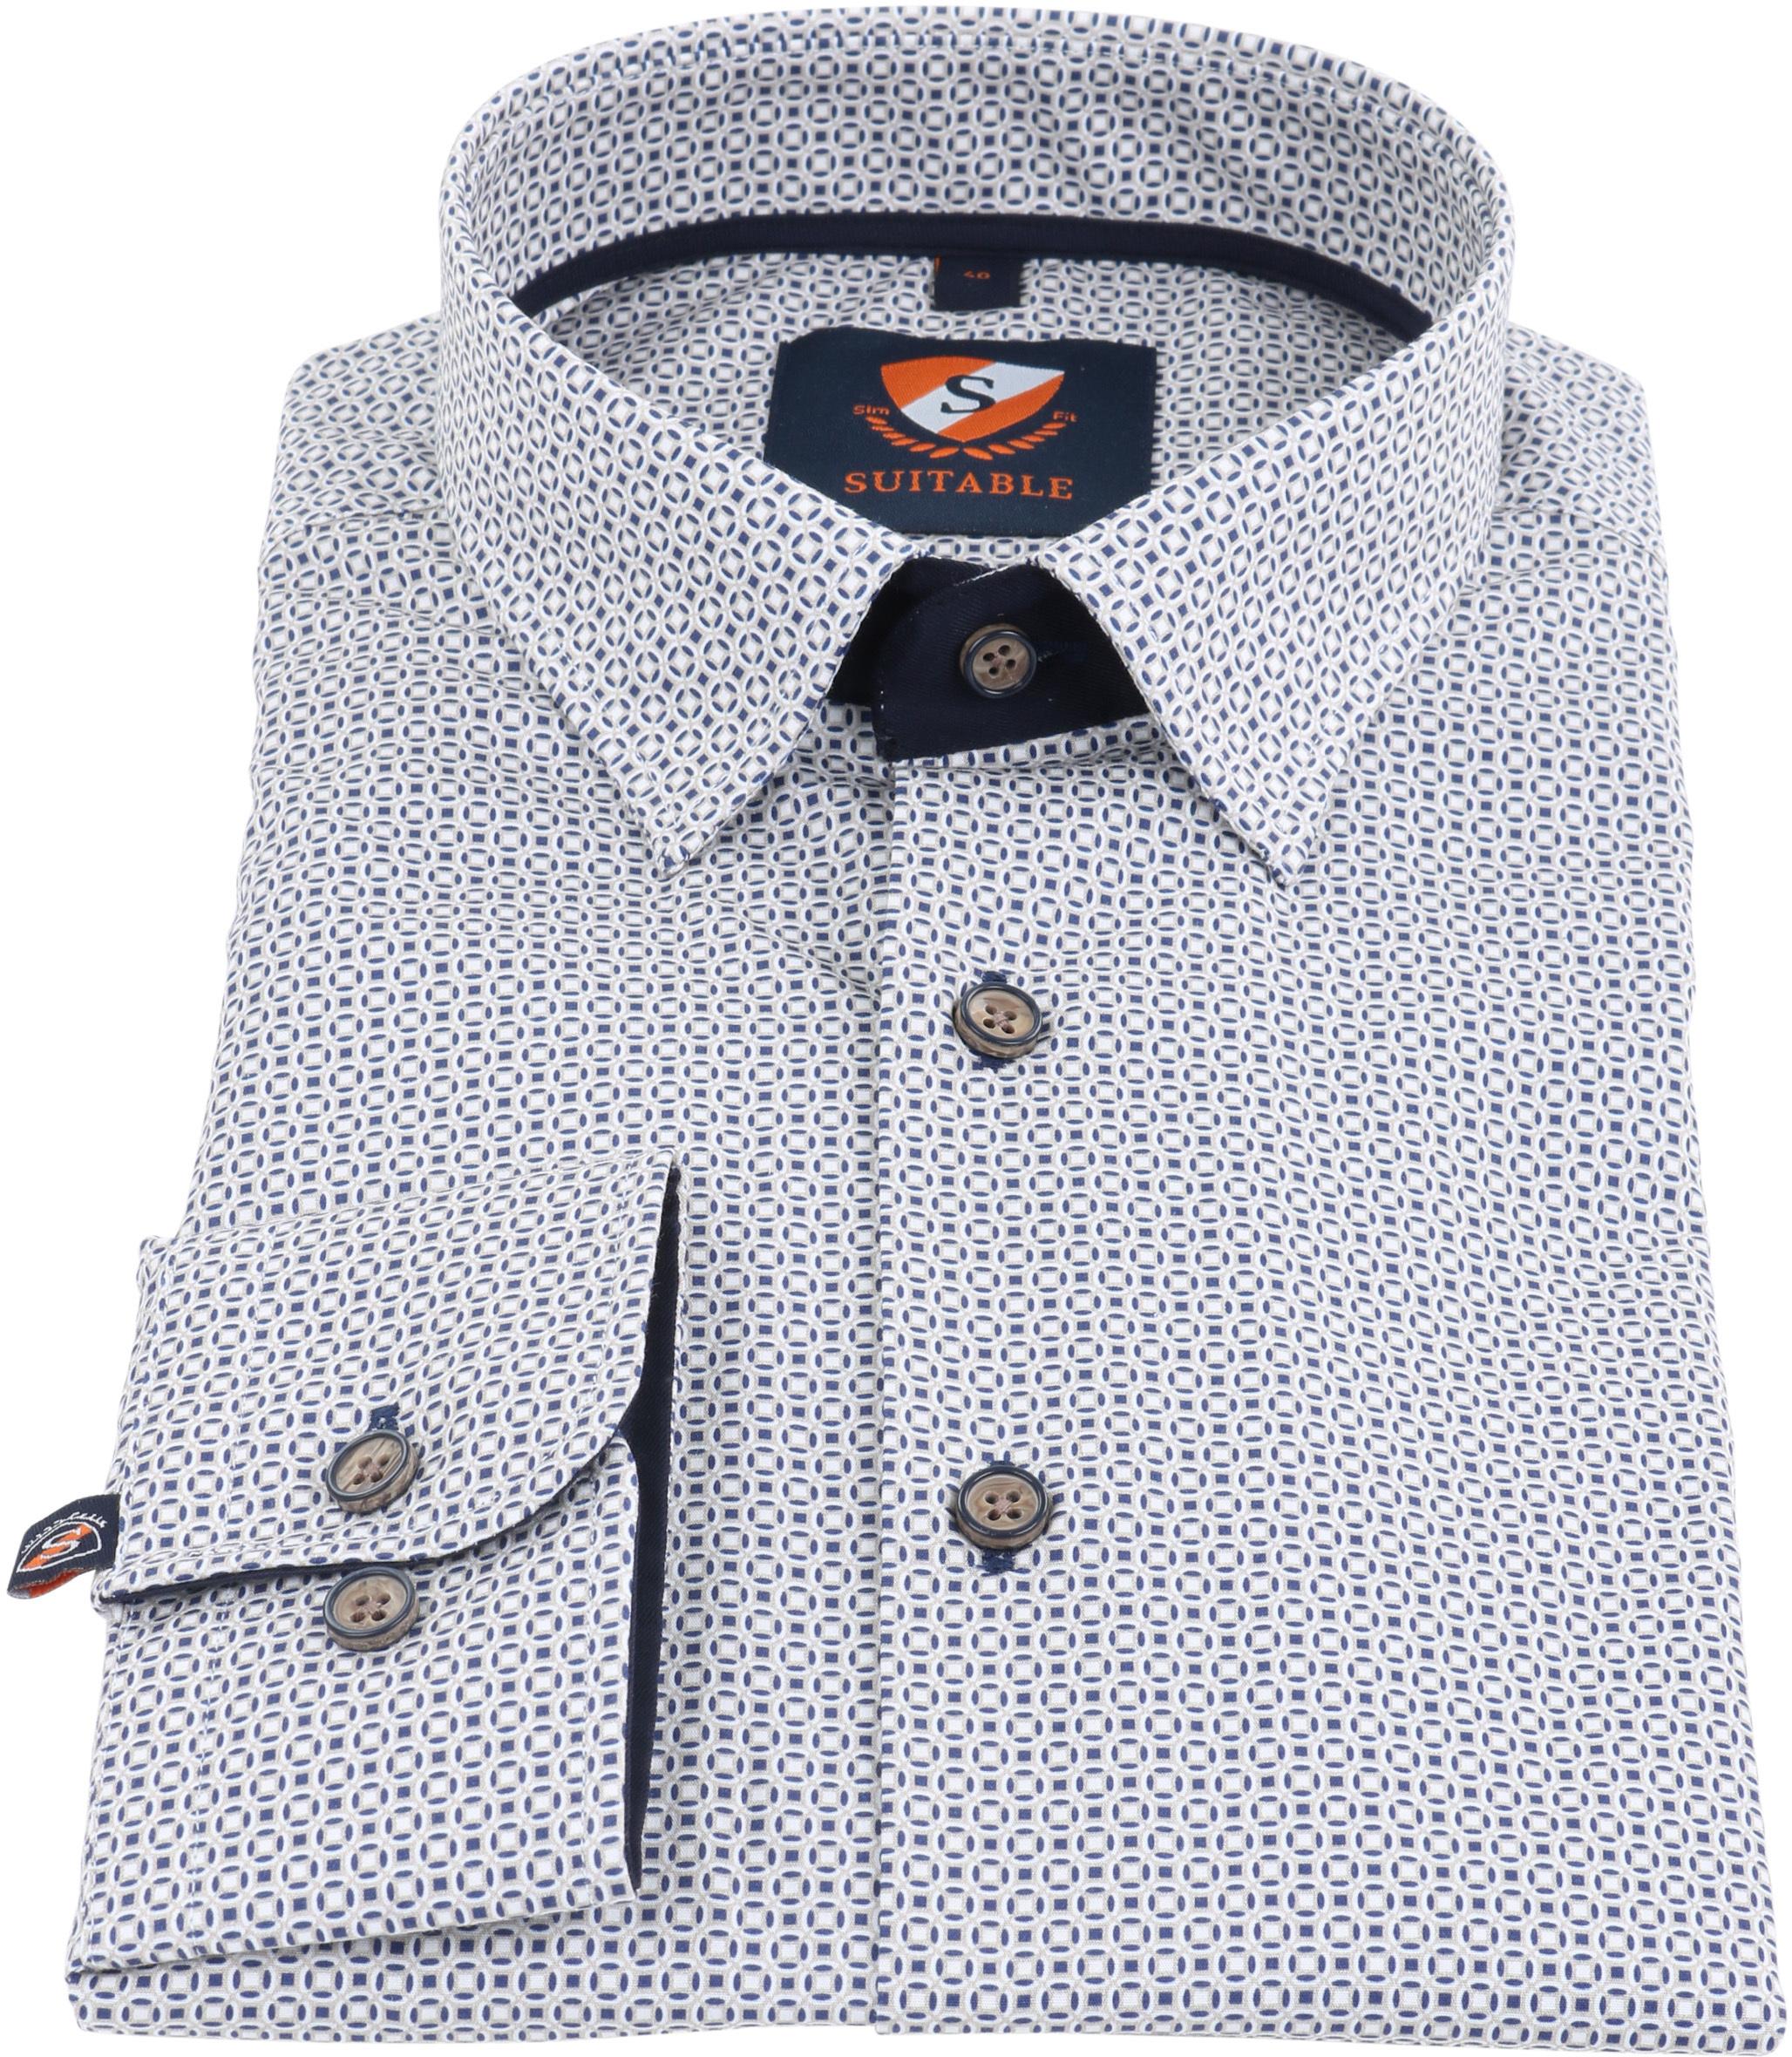 Suitable Overhemd Prince Print HBD foto 1